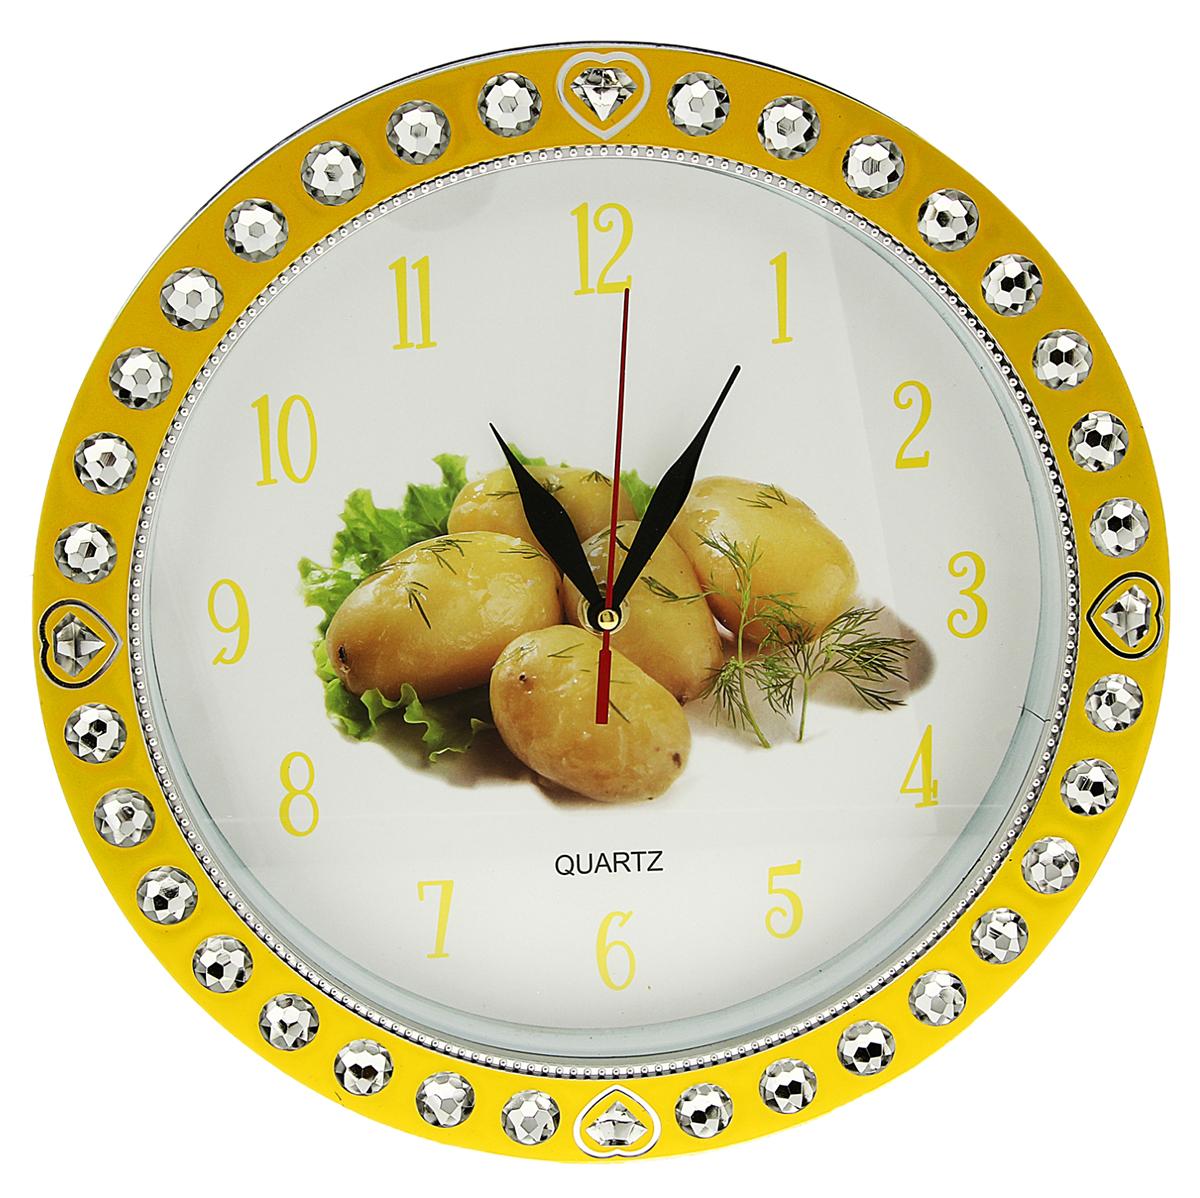 Часы настенные Картошечка вареная, диаметр 29 см831079Каждому хозяину периодически приходит мысль обновить свою квартиру, сделать ремонт, перестановку или кардинально поменять внешний вид каждой комнаты. Часы настенные кухонные Картофель, d=29 см, рама желтая со стразами — привлекательная деталь, которая поможет воплотить вашу интерьерную идею, создать неповторимую атмосферу в вашем доме. Окружите себя приятными мелочами, пусть они радуют глаз и дарят гармонию.Часы настенные круг, желтая рама со вставками стразы, на циферблате Картошечка вареная d=29см 831079